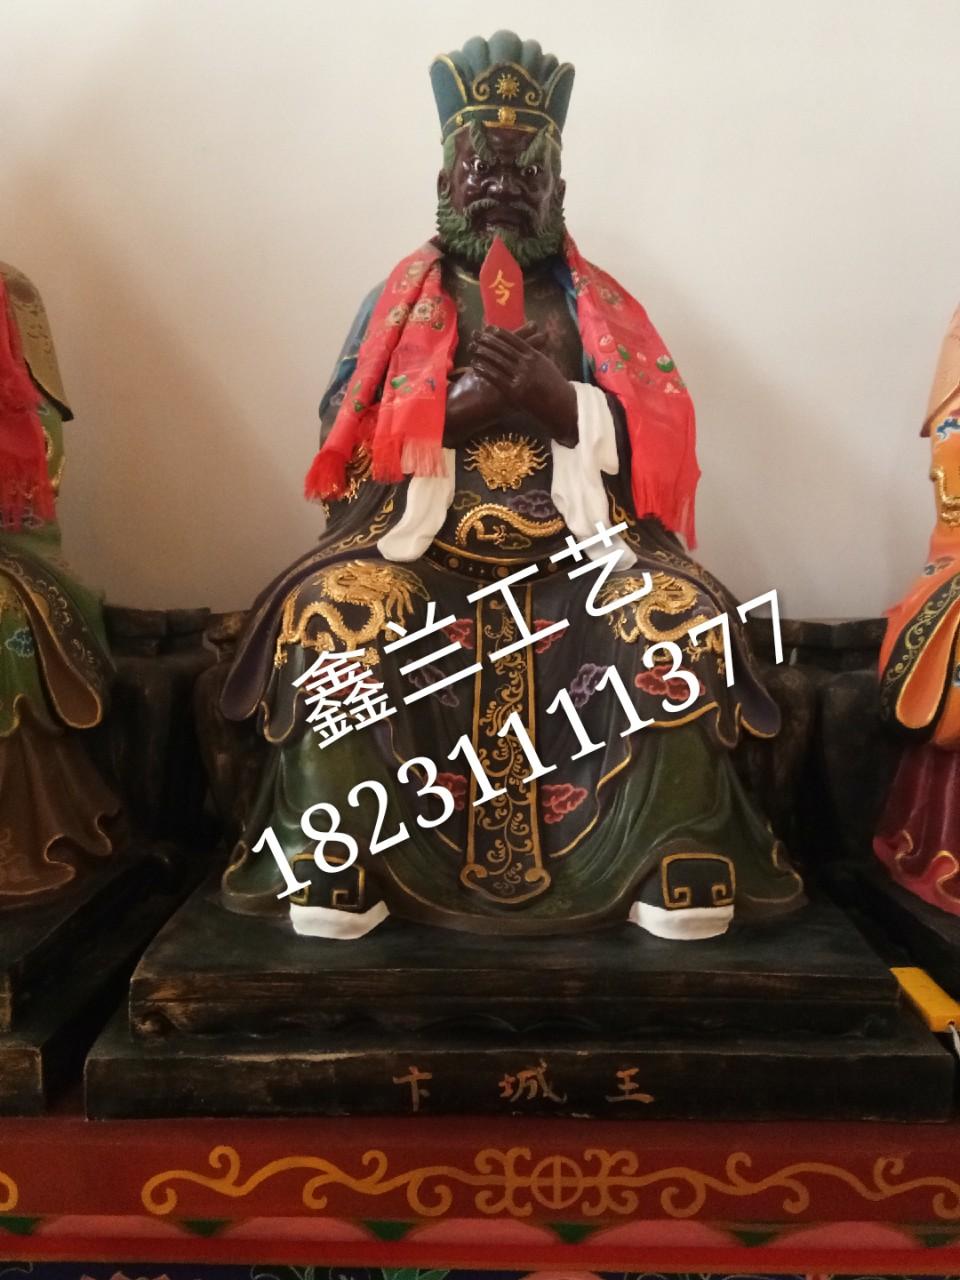 六殿阎王卞城王:揭秘中国神话传说中的十殿阎罗玻璃钢雕塑